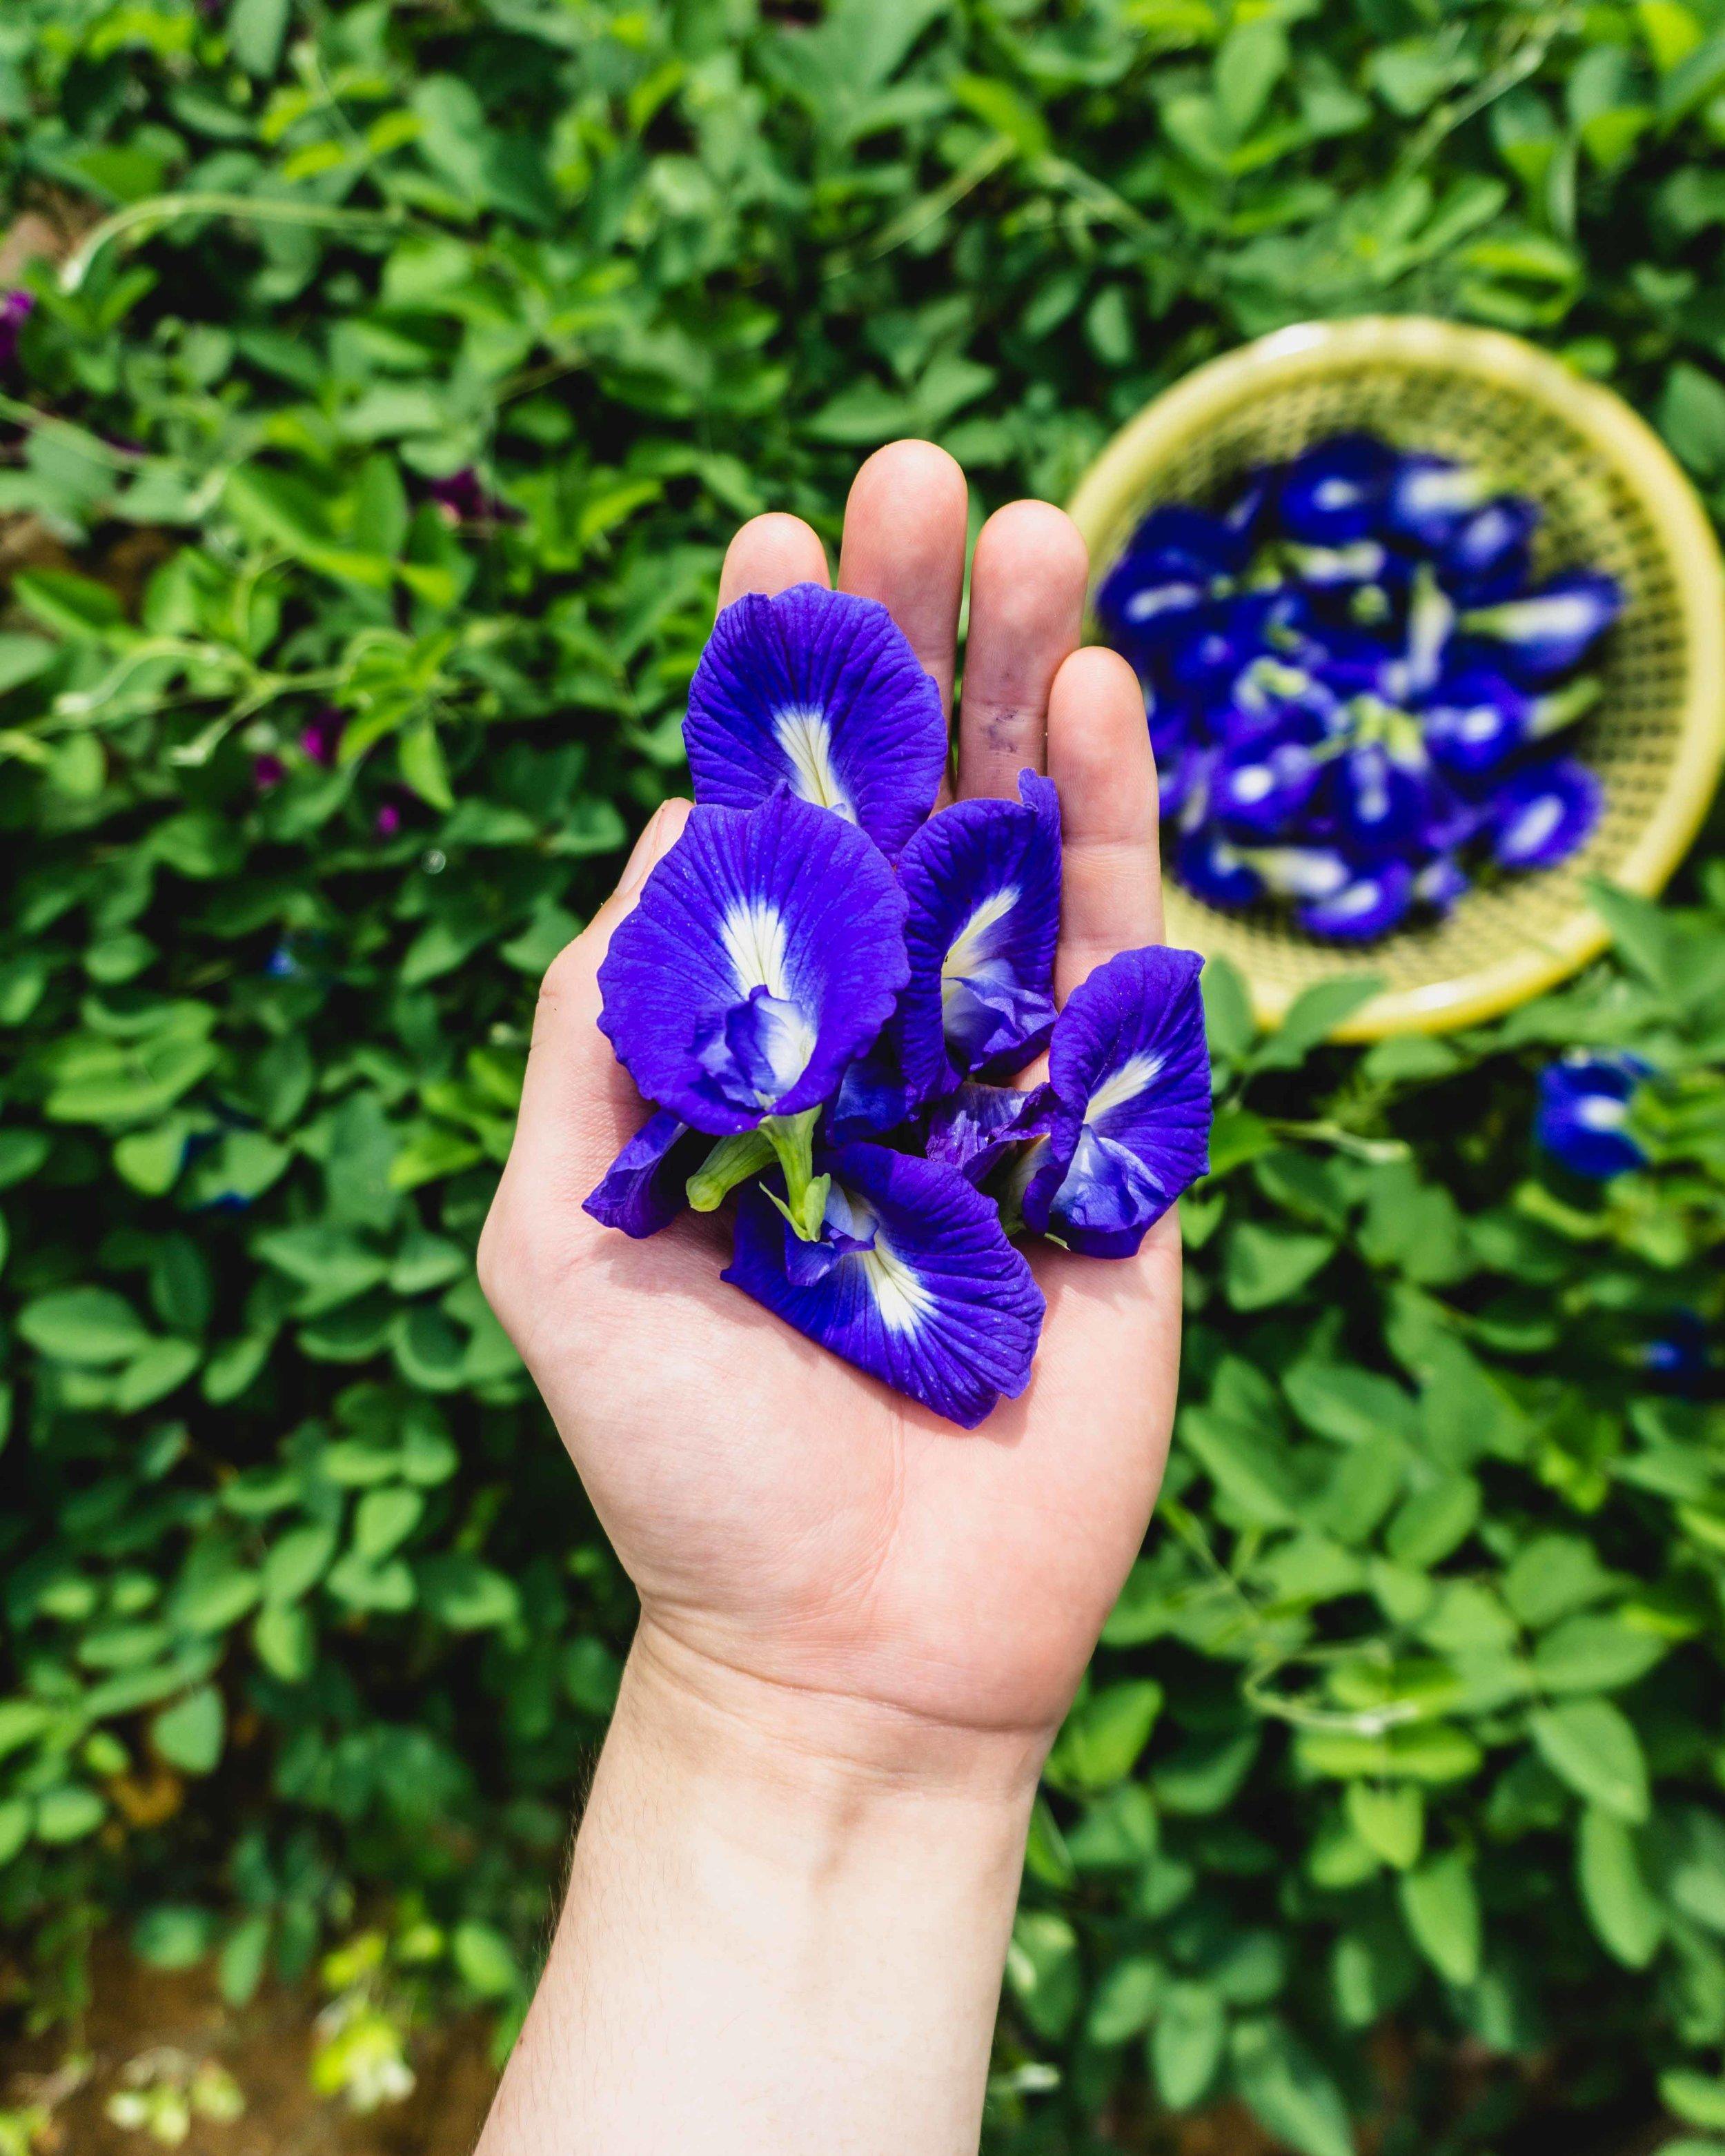 Butterfly Pea Flowers